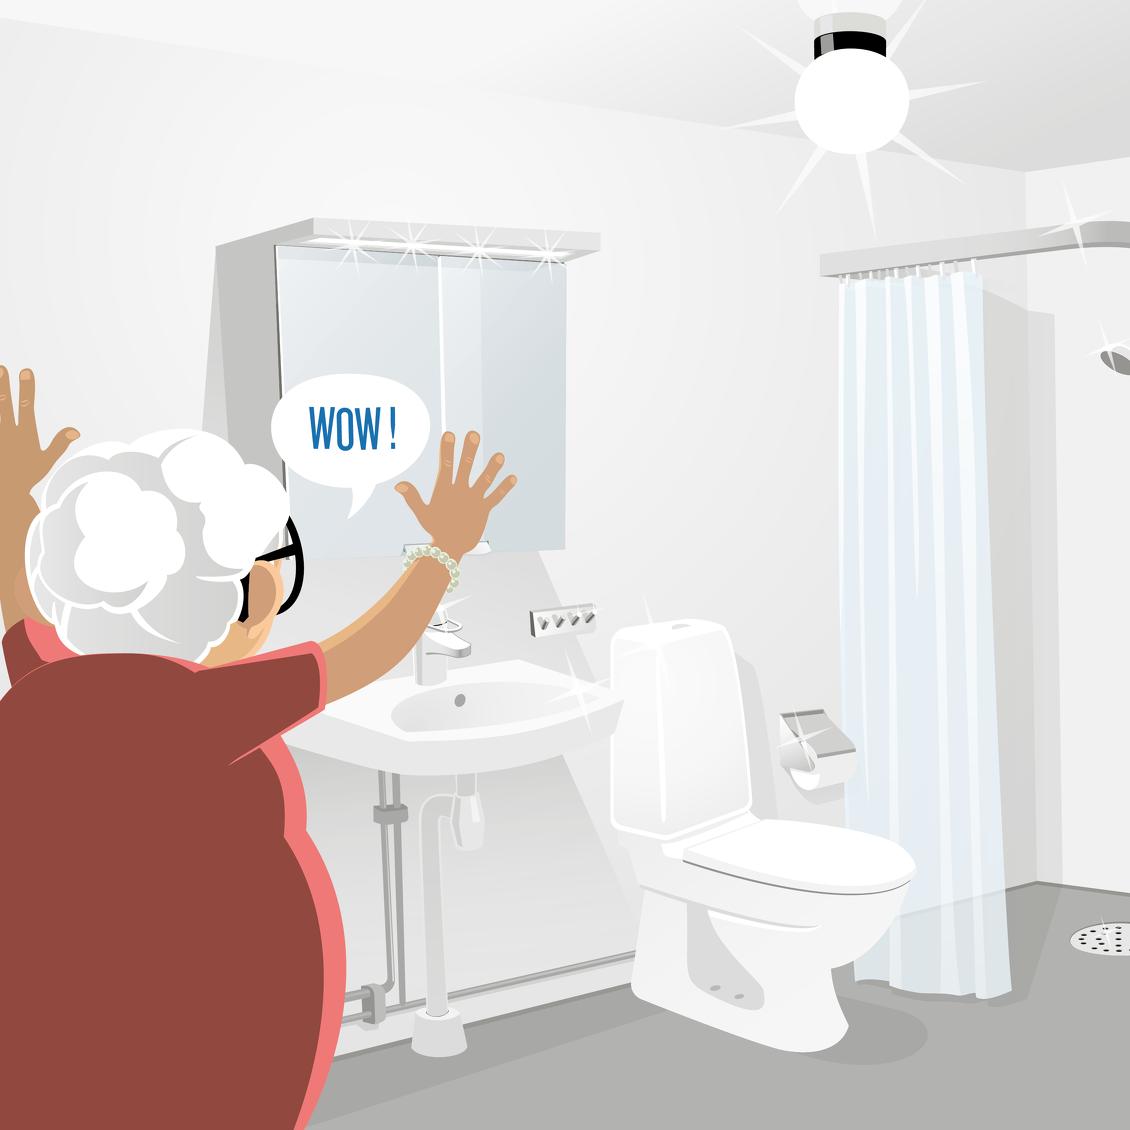 Illustration på äldre dam i ett välskött badrum